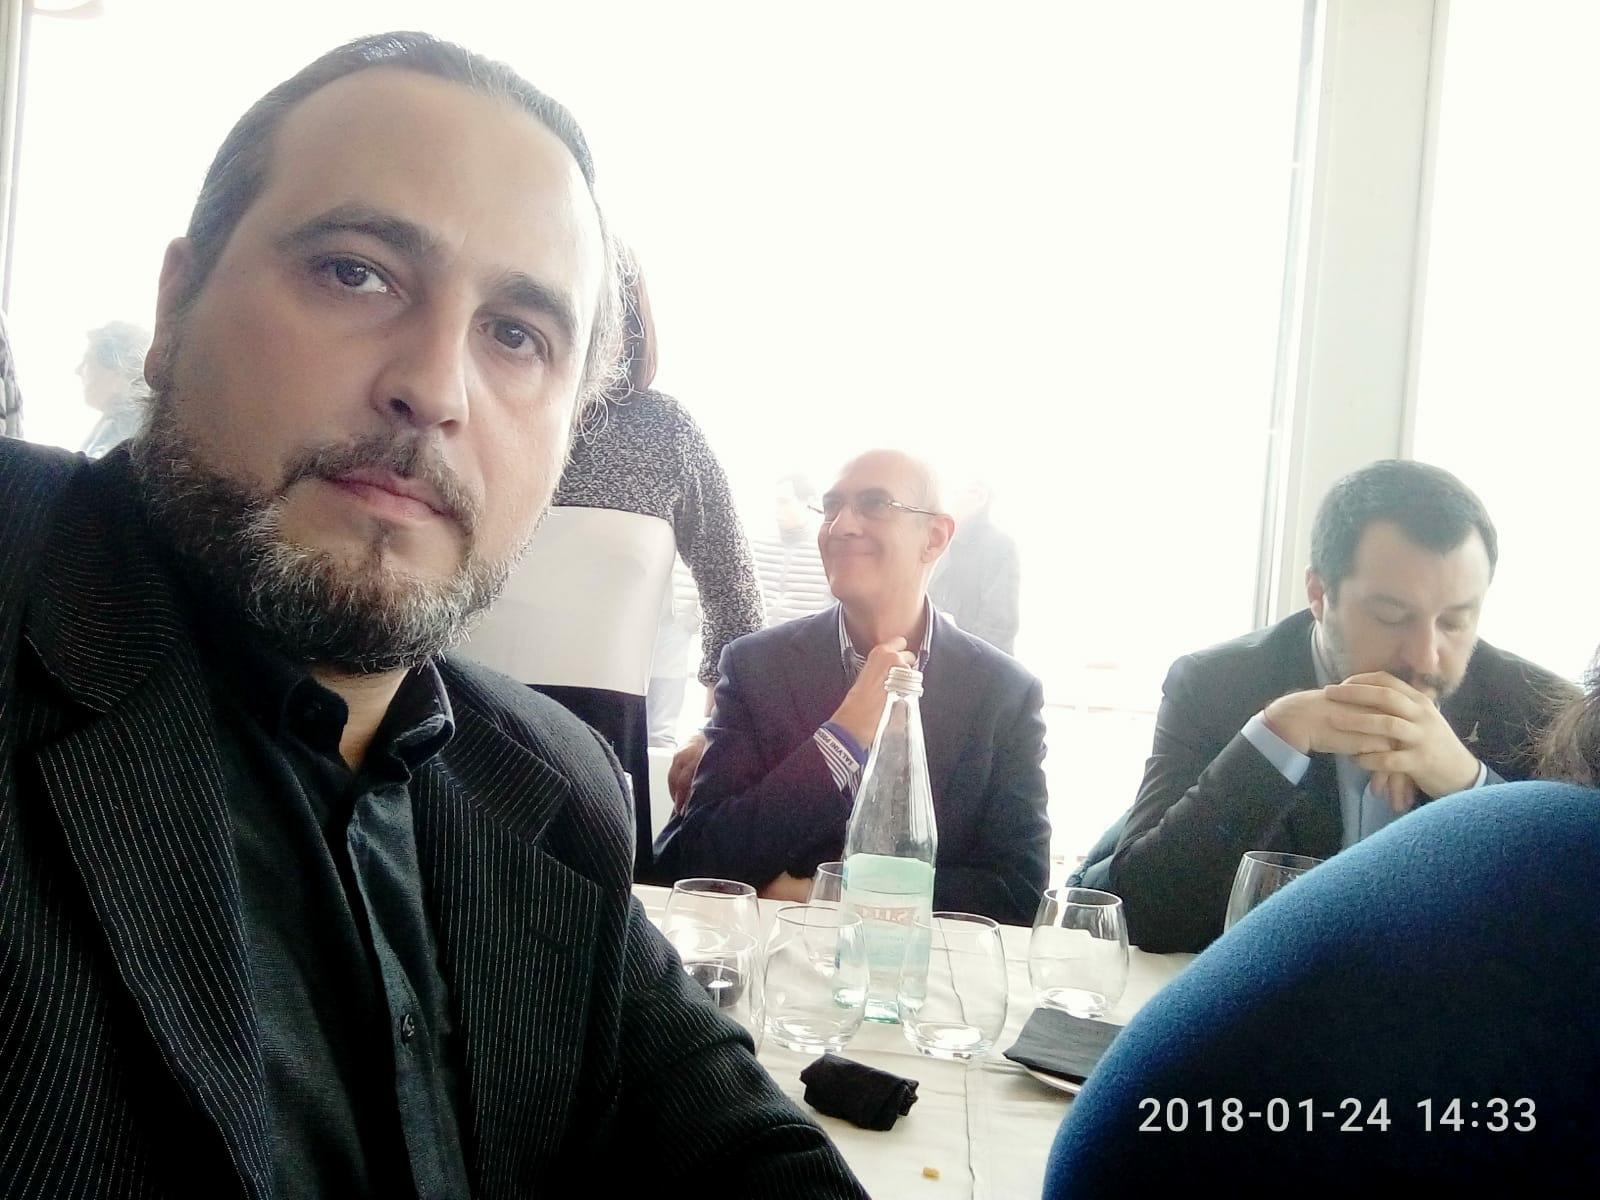 Intervista a Valentino Meloni, un leghista a San Gavino Monreale